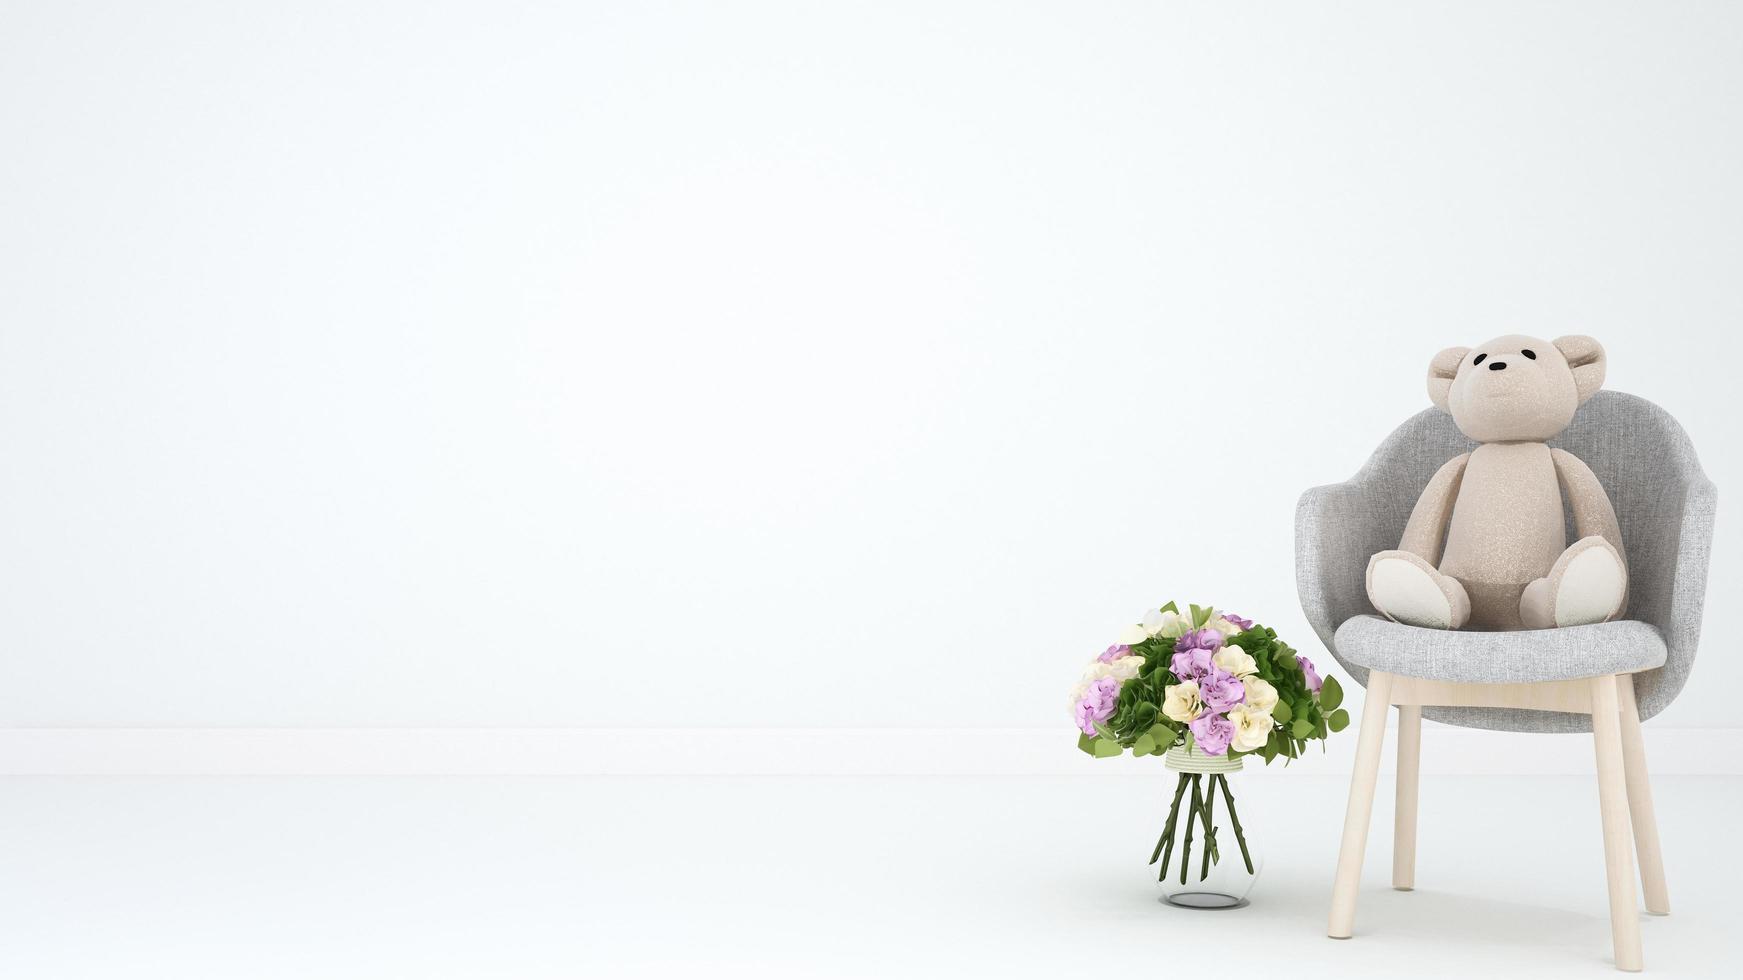 Oso de peluche en sillón y flor para obras de arte foto